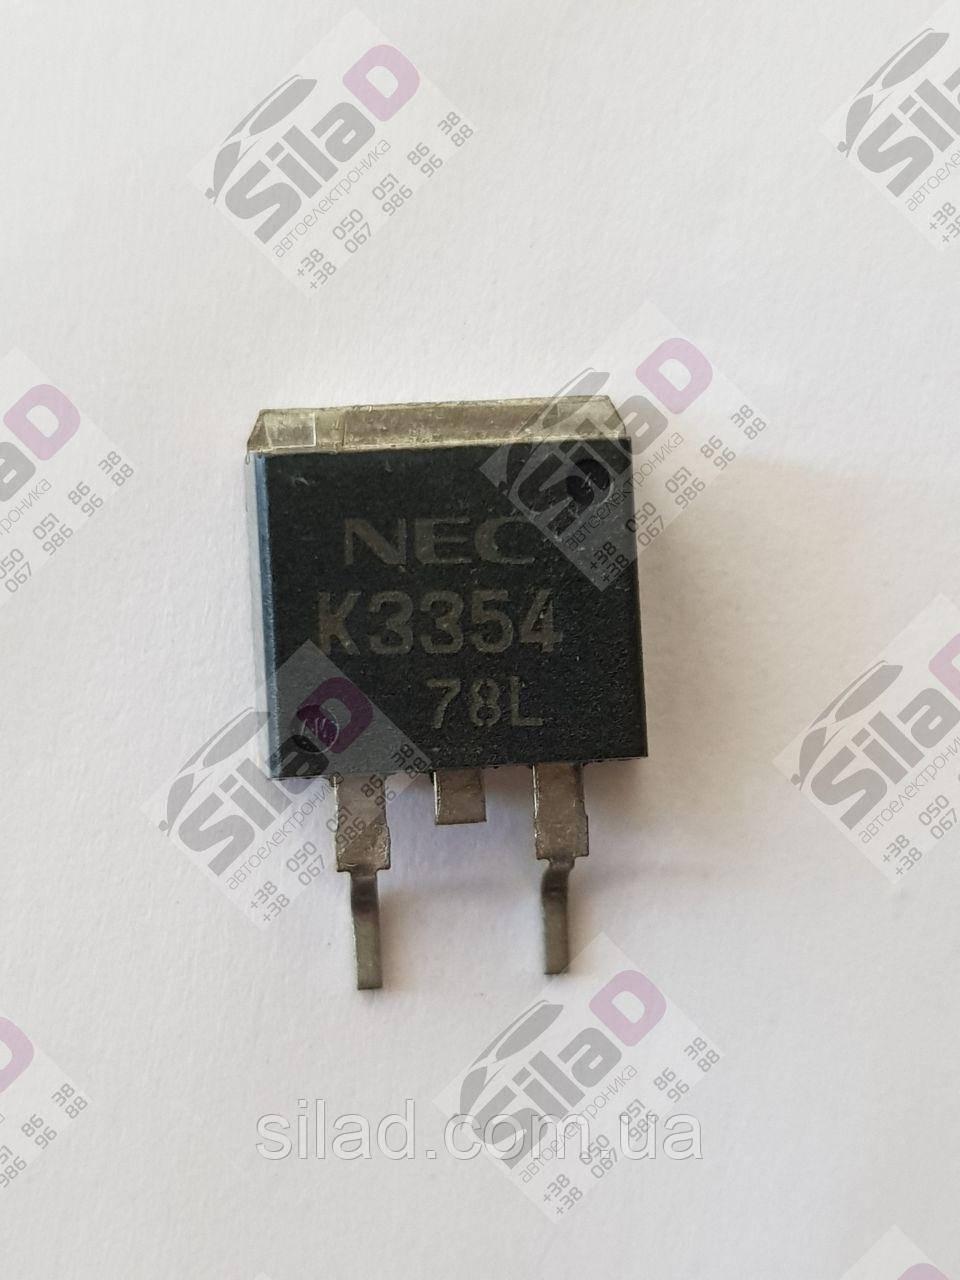 Польовий Транзистор 2SK3354 маркування K3354 корпус TO-263 K3354 2SK3354